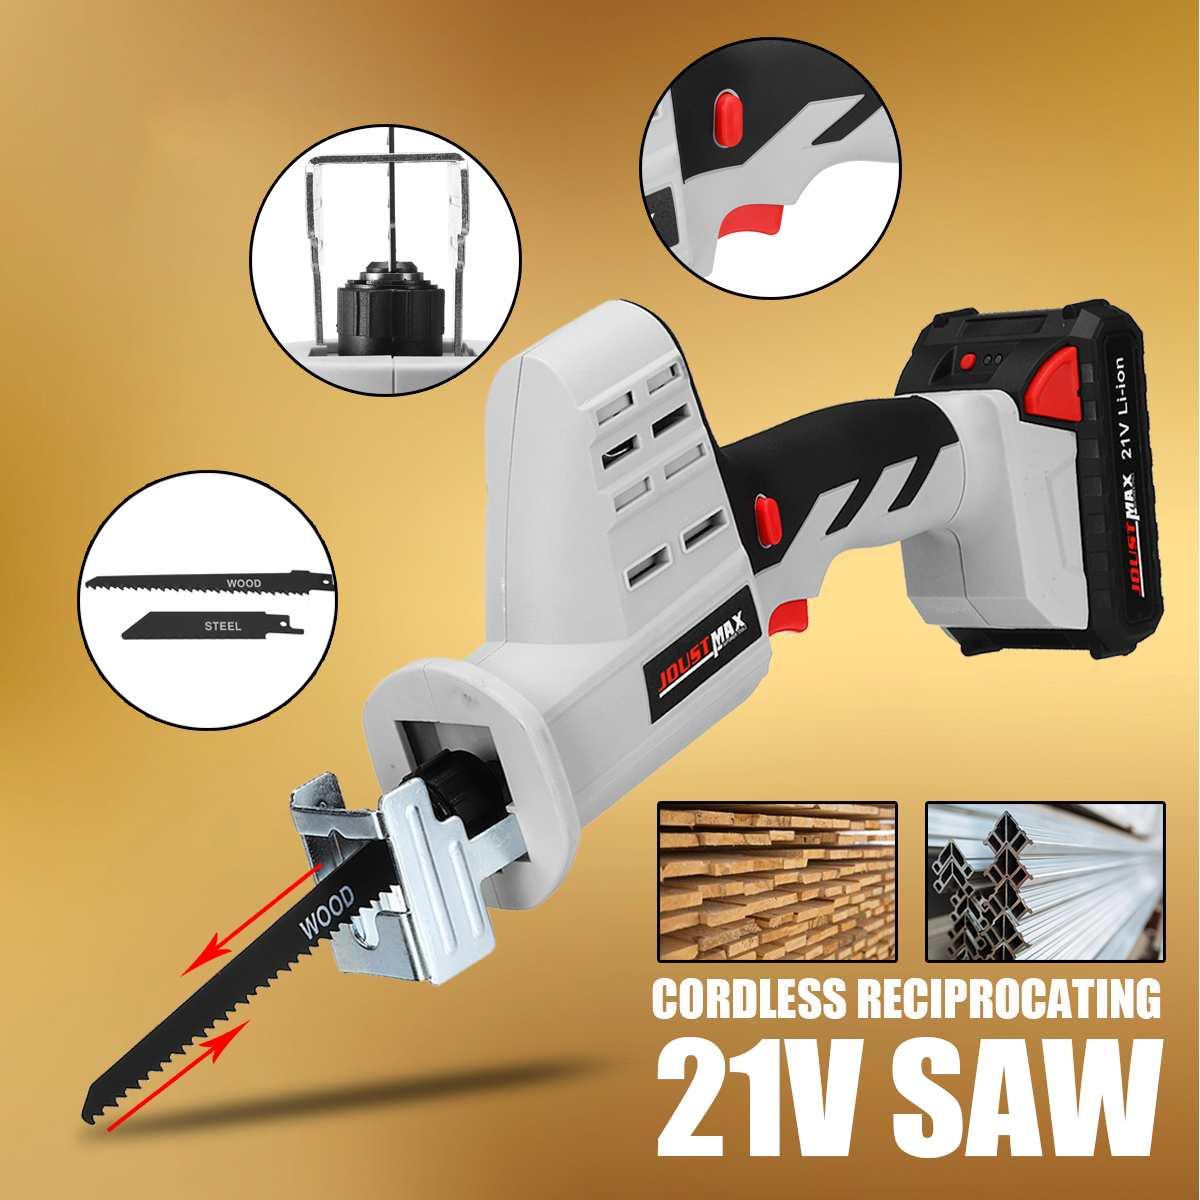 Portable 21 V 1500 mAh Li-Ion batterie sans fil scie alternative électrique sabre lame de scie pour bois métal scies à chaîne coupe outil électrique